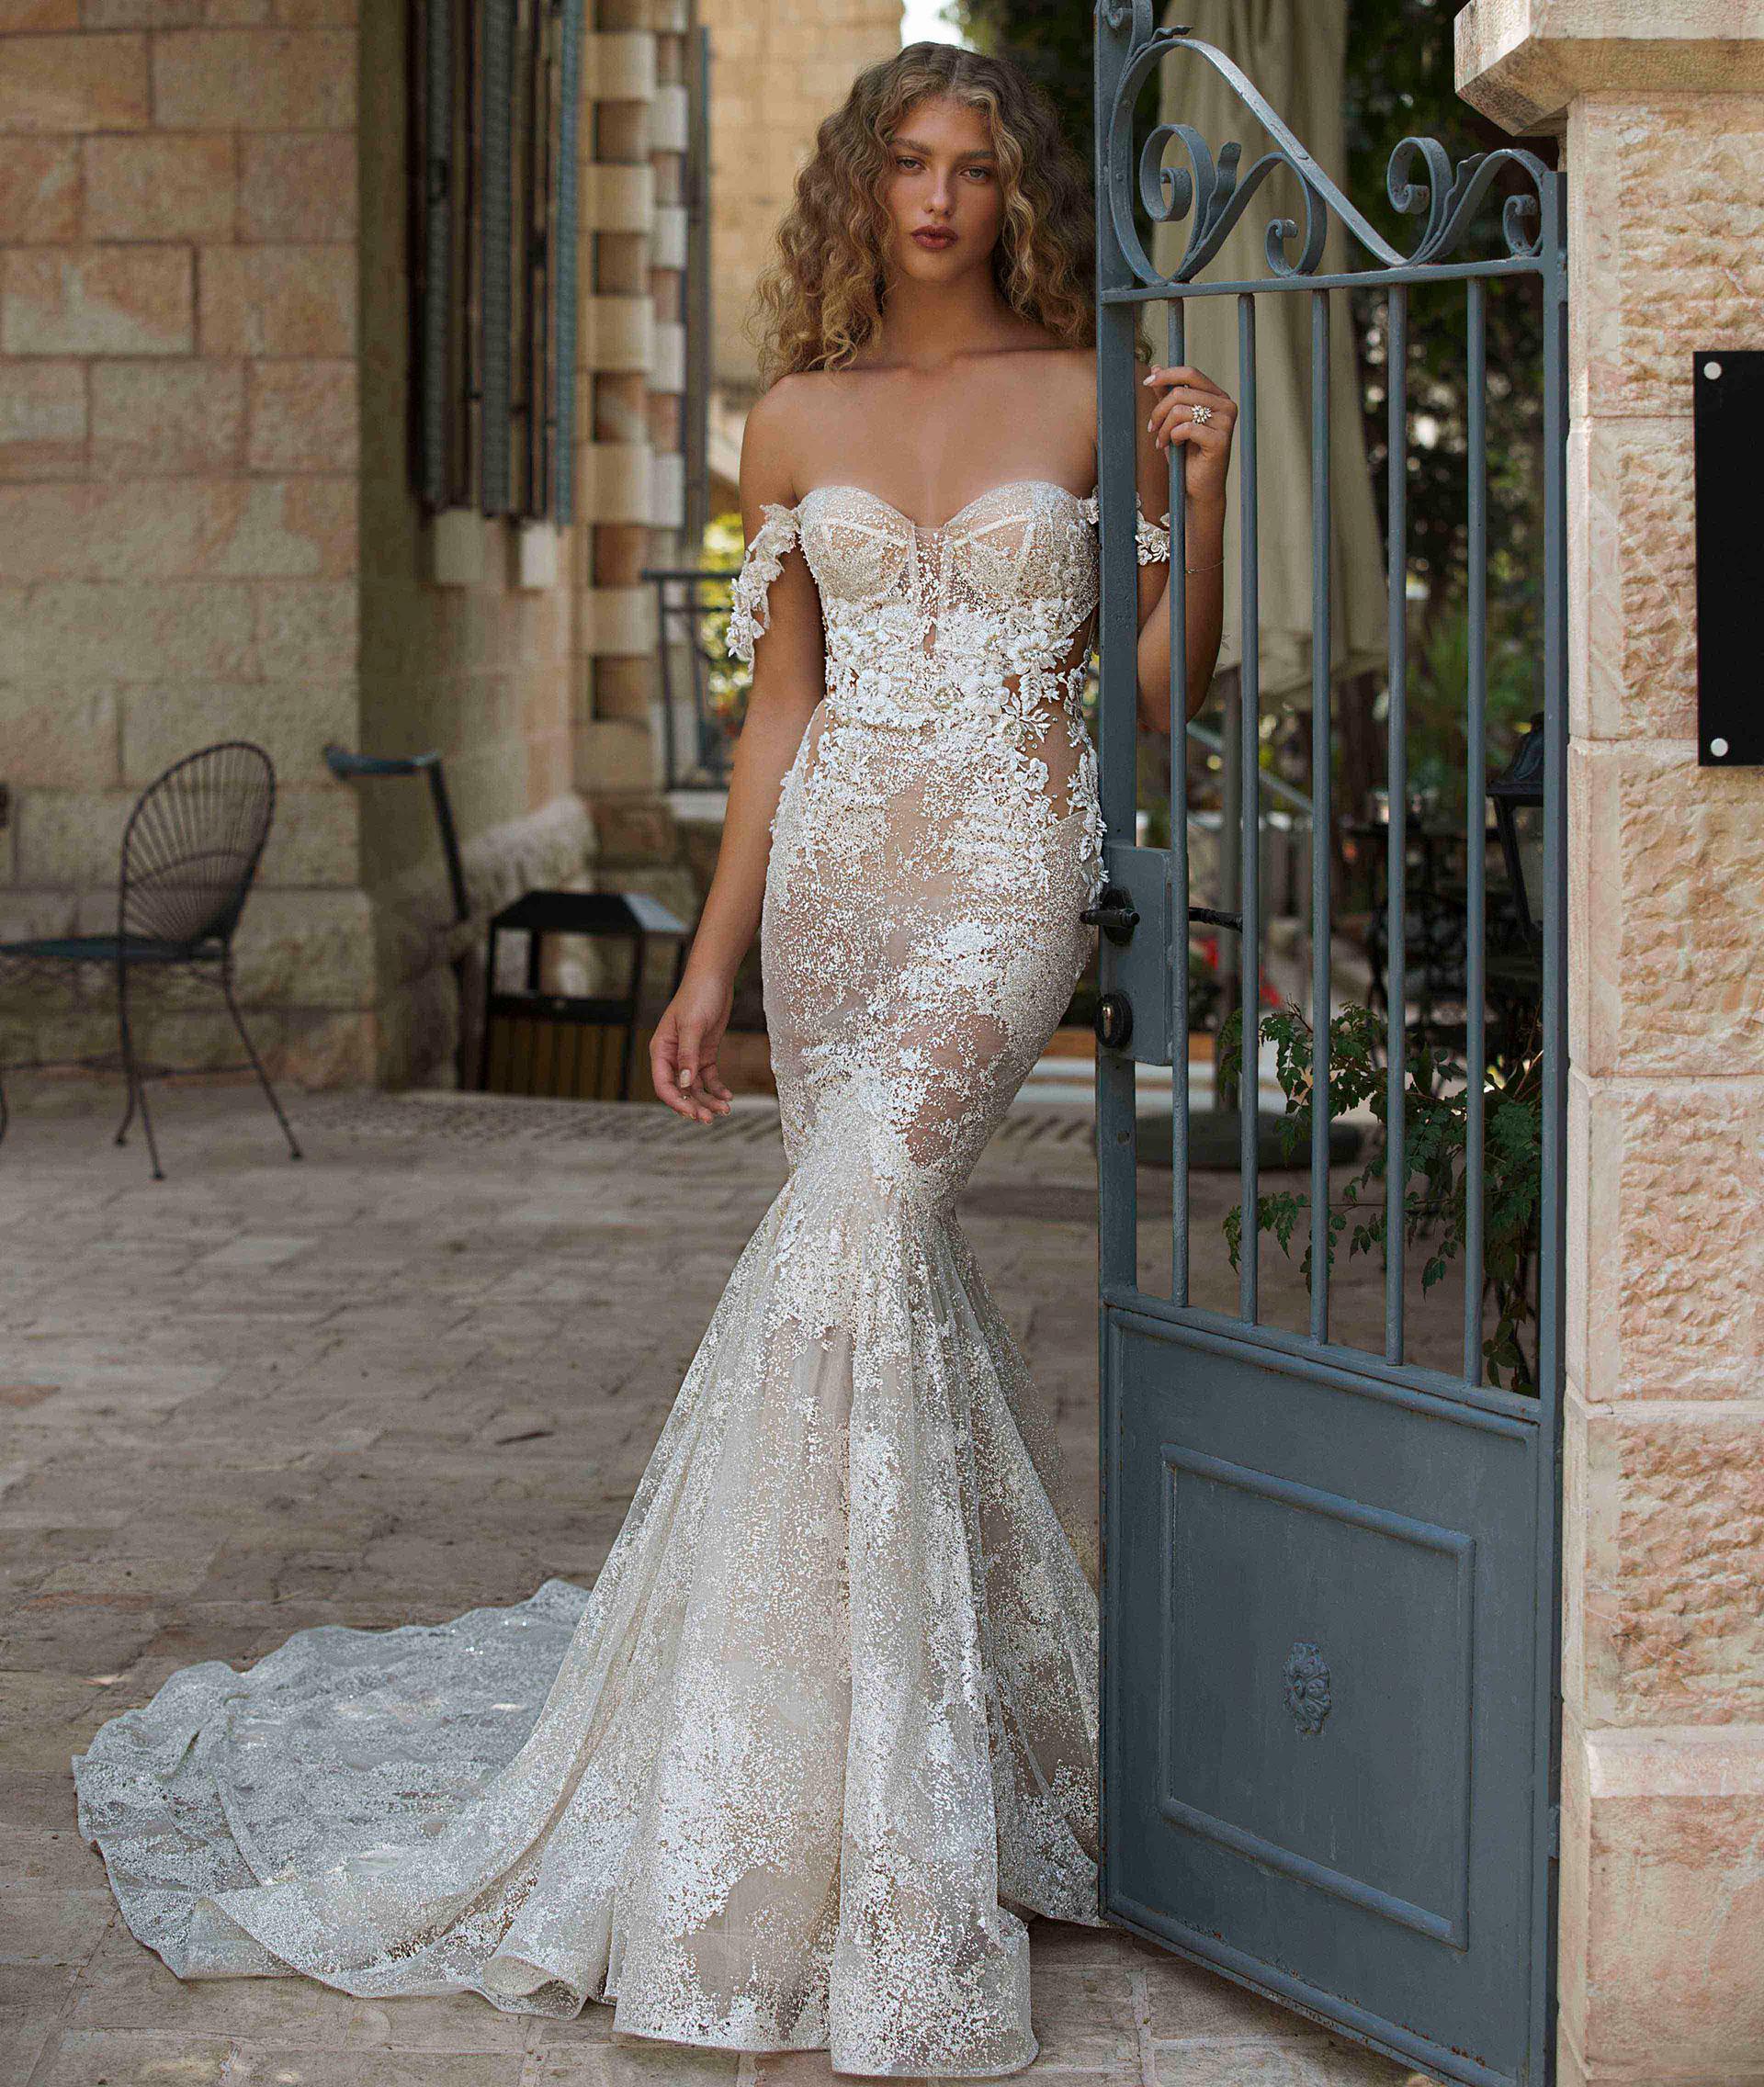 Berta Wedding Gowns   Berta Bridal Gowns Sydney   Kayrouz Bridal